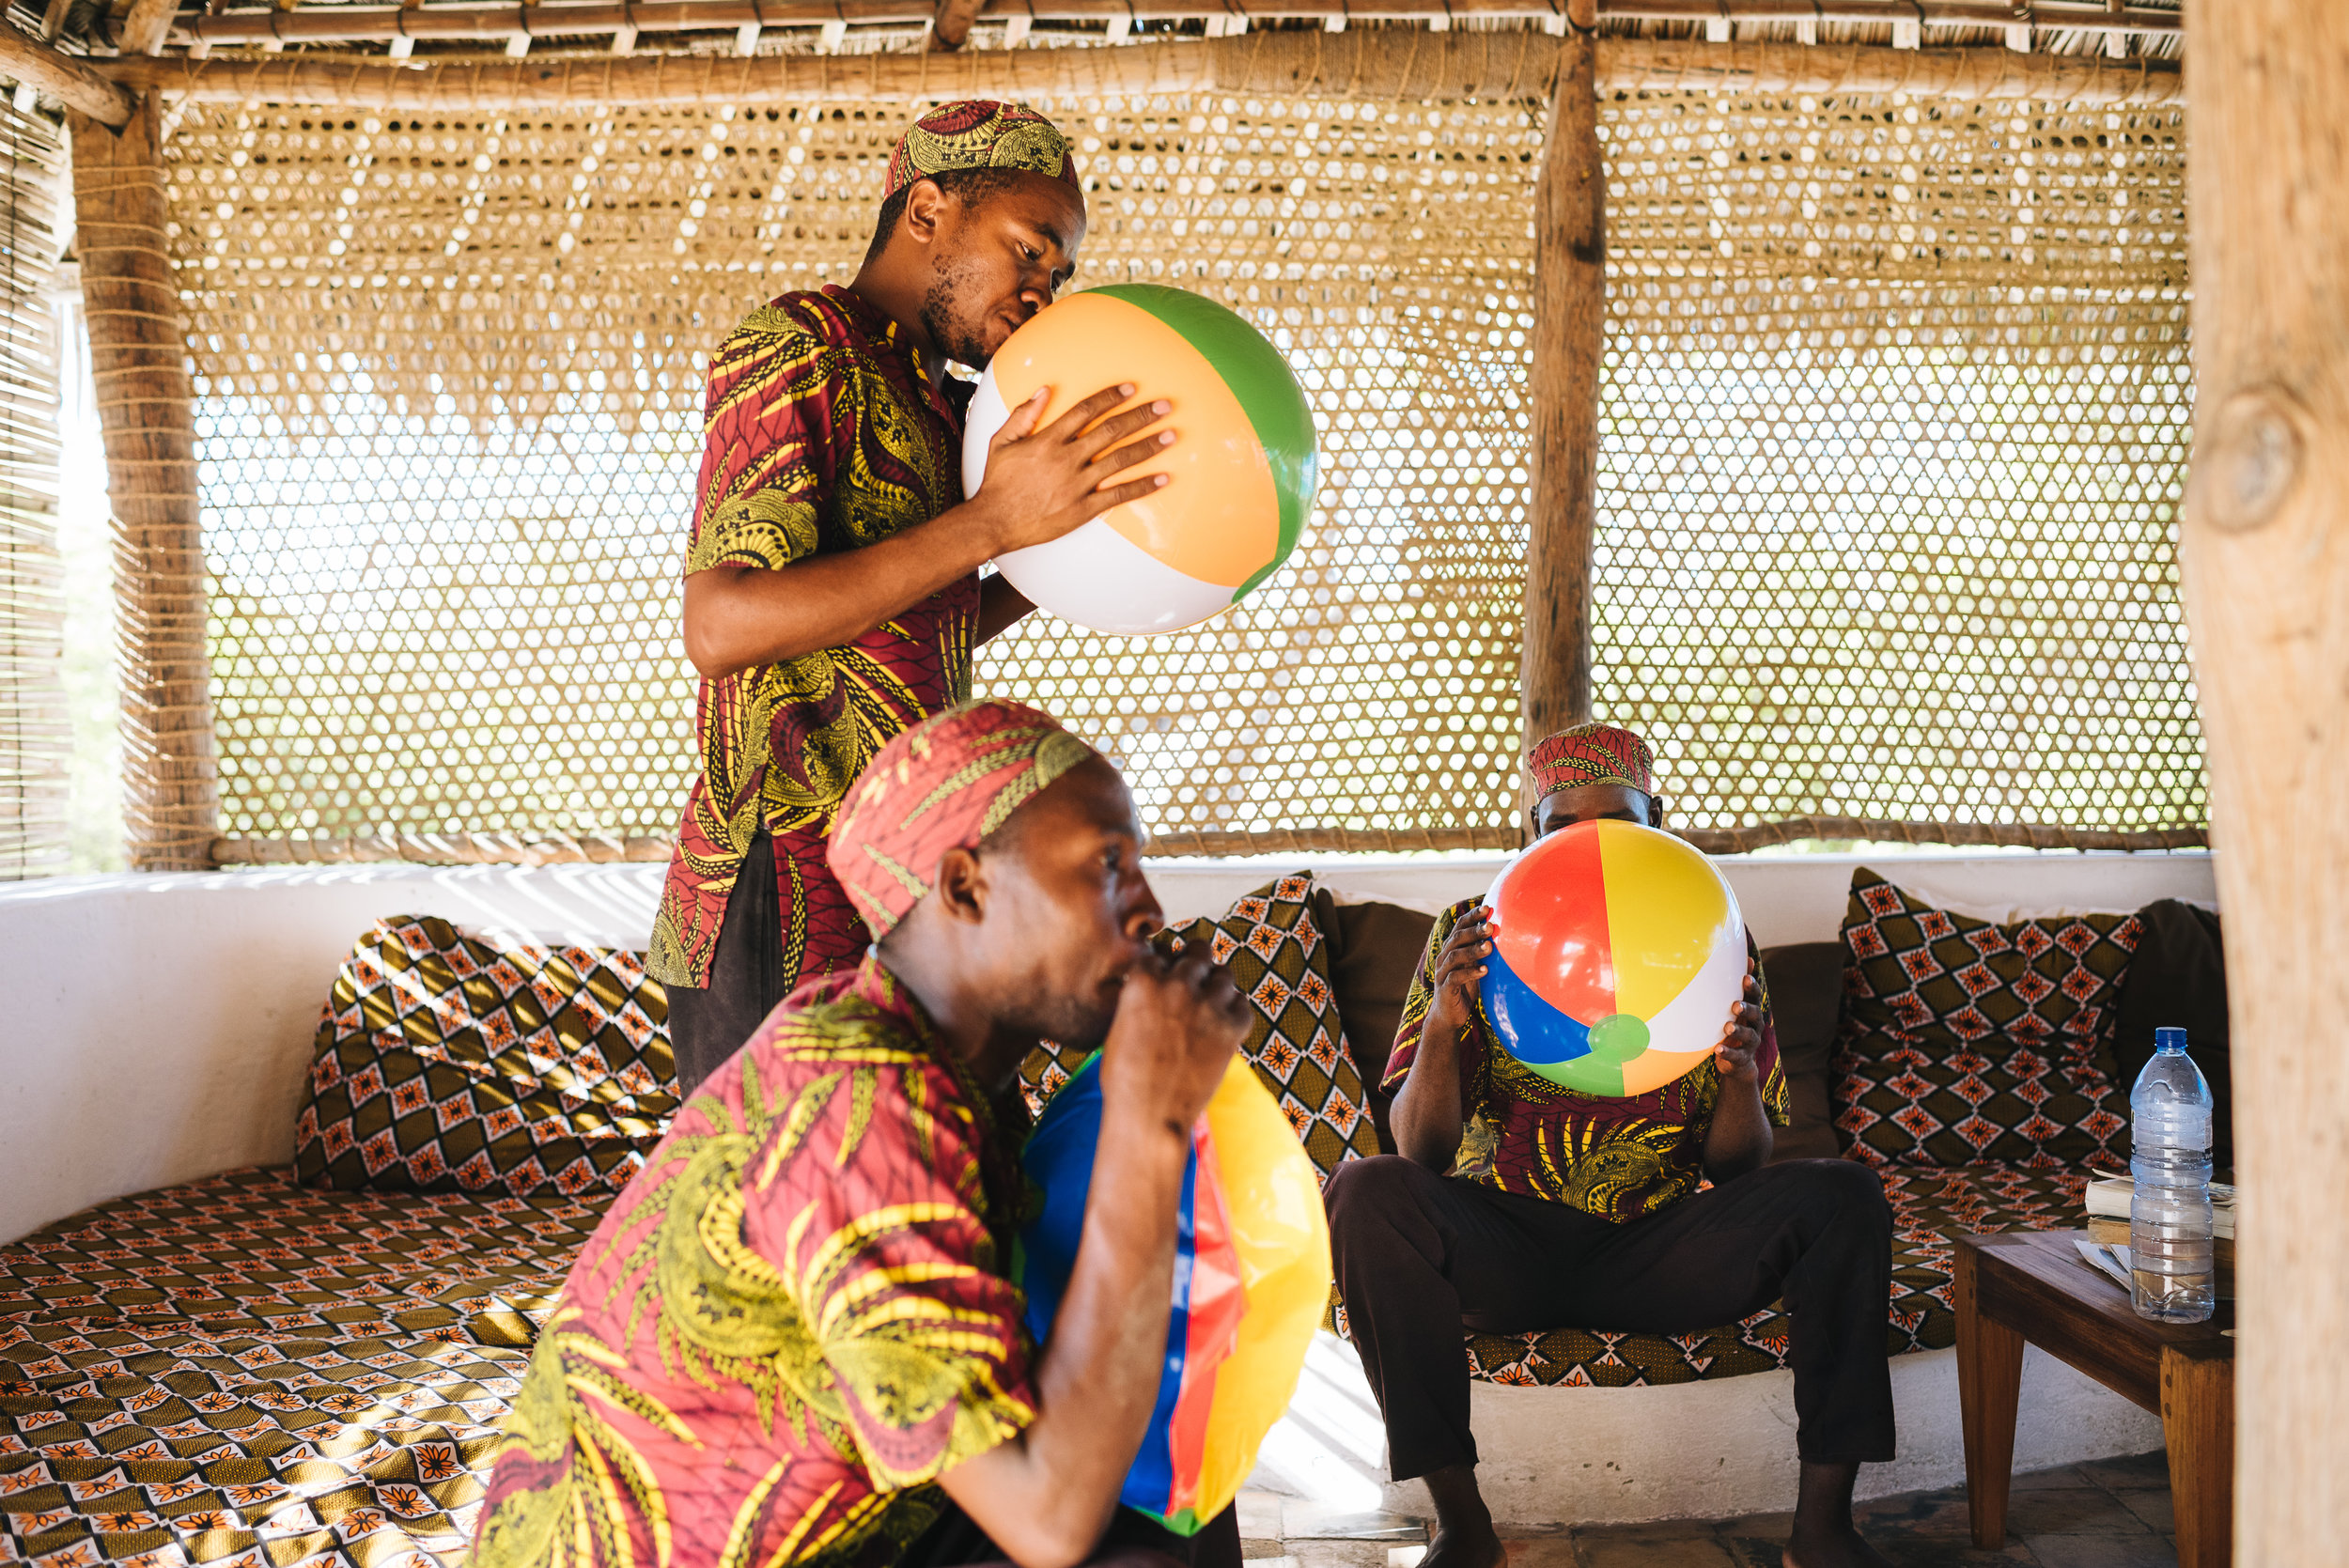 alex-miller-photography-joss-alex-mozambique-196.jpg